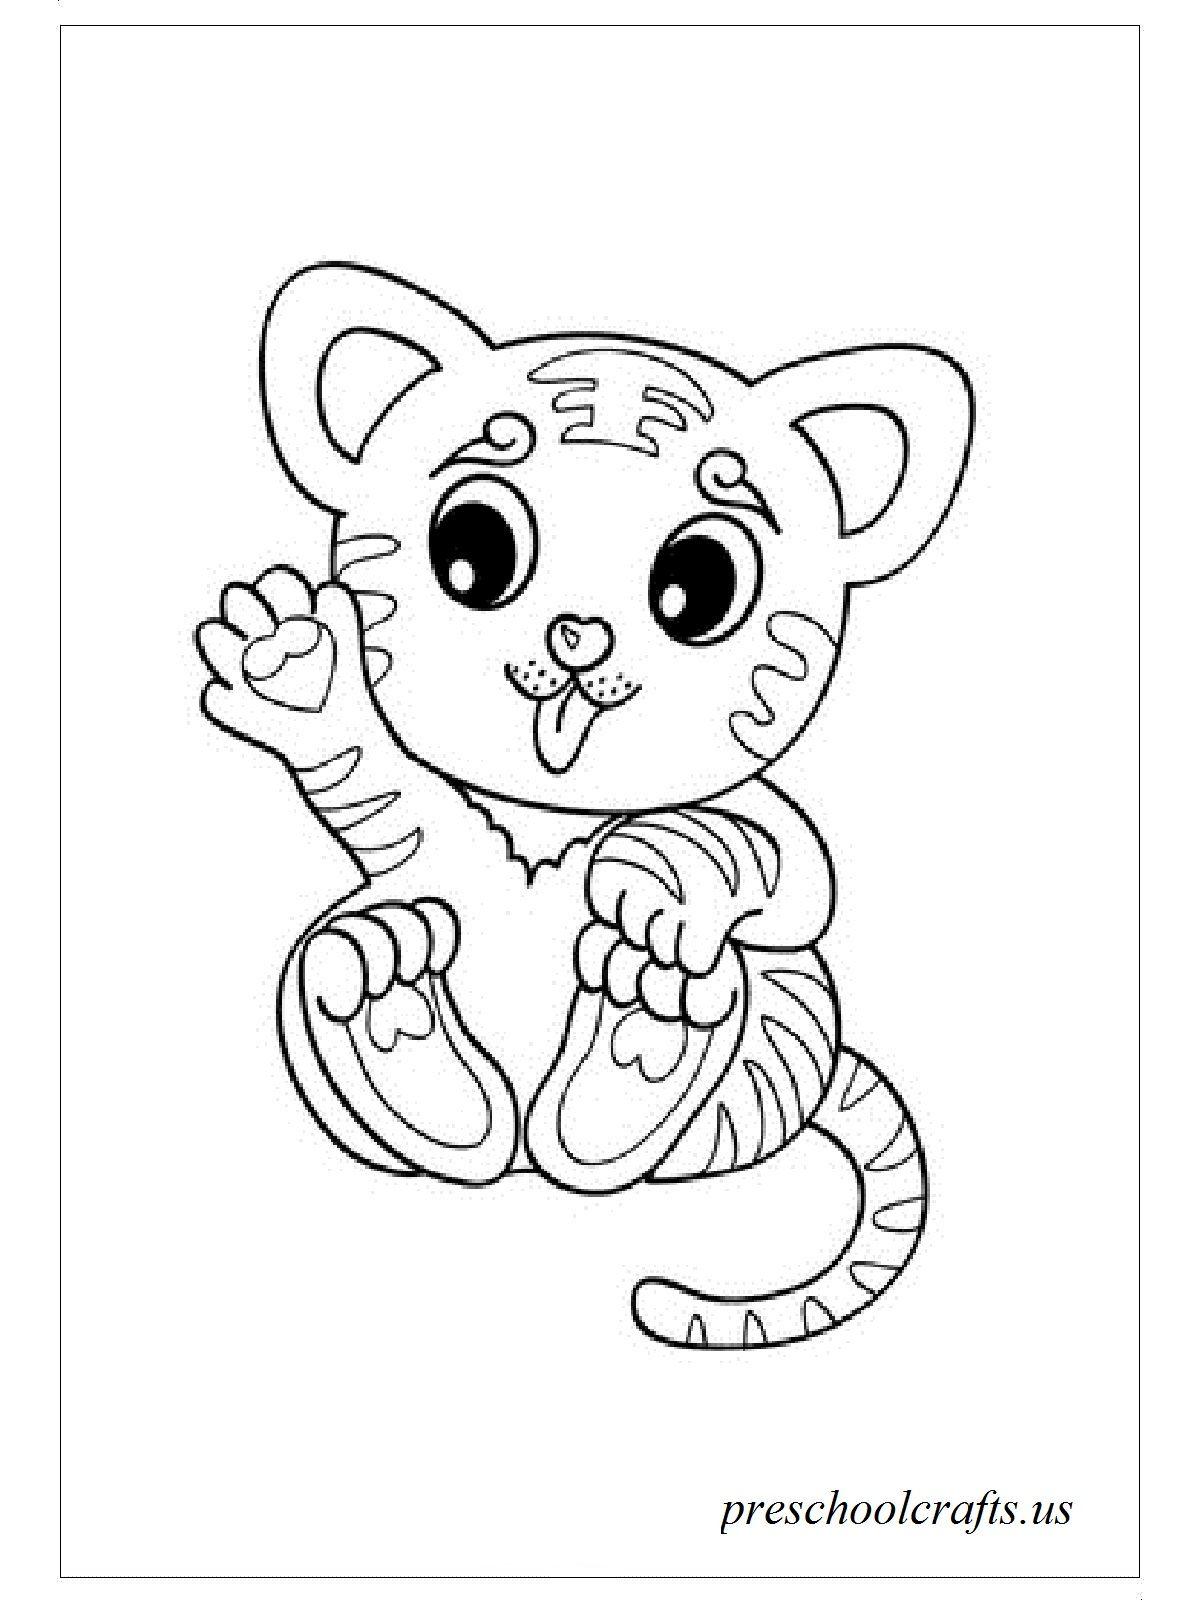 Tranh tô màu con hổ con đáng yêu